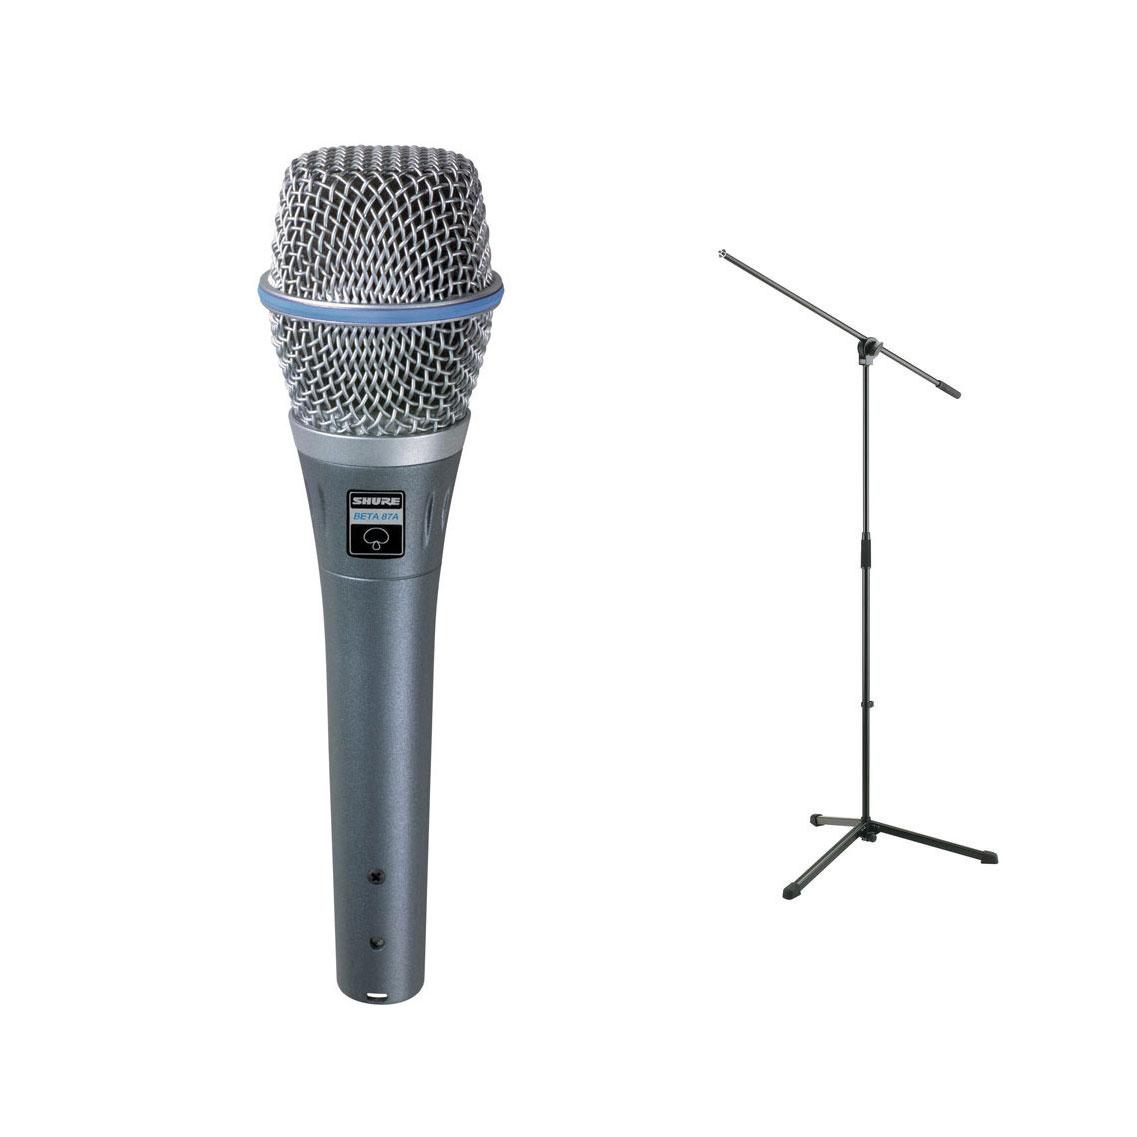 micro statique de chant usb shure pg27usb micros condensateur statiques microphone achat. Black Bedroom Furniture Sets. Home Design Ideas